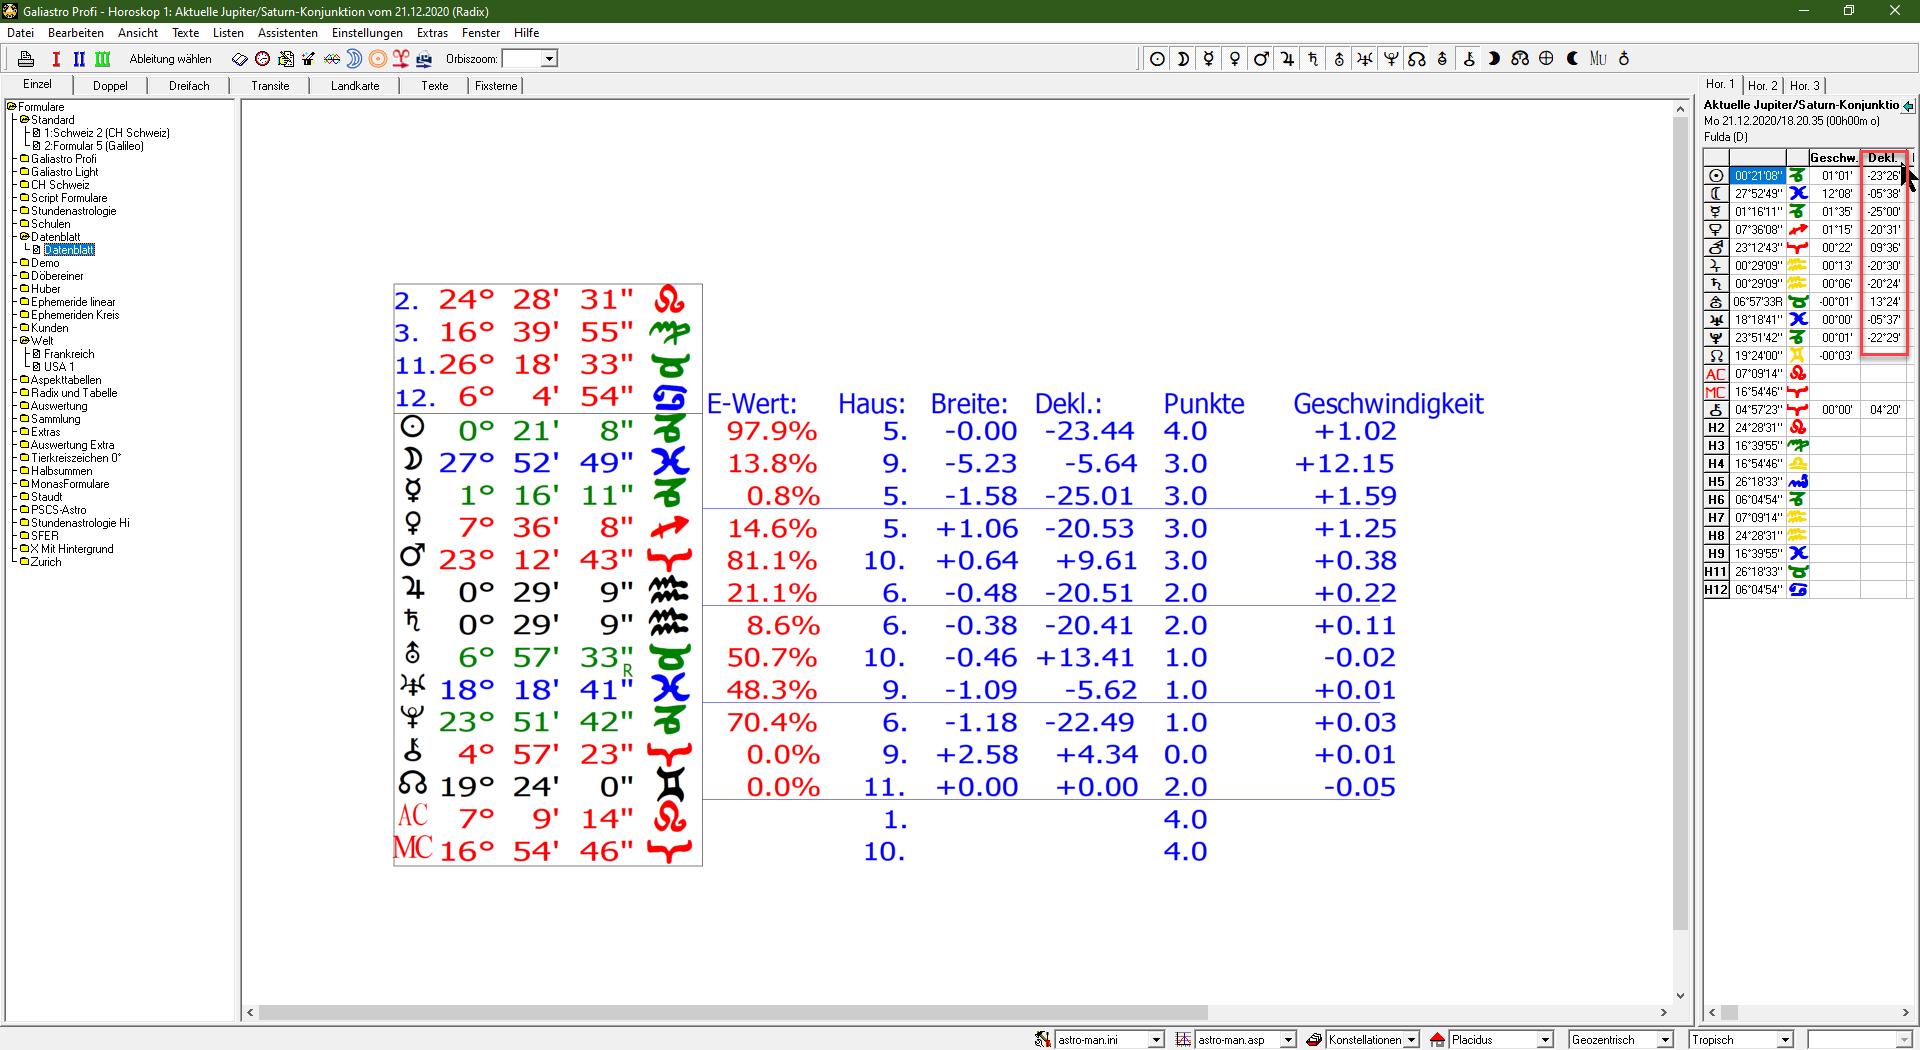 Deklinationen (für Parallel-Aspekte) in Formular und Bildschirm rechts